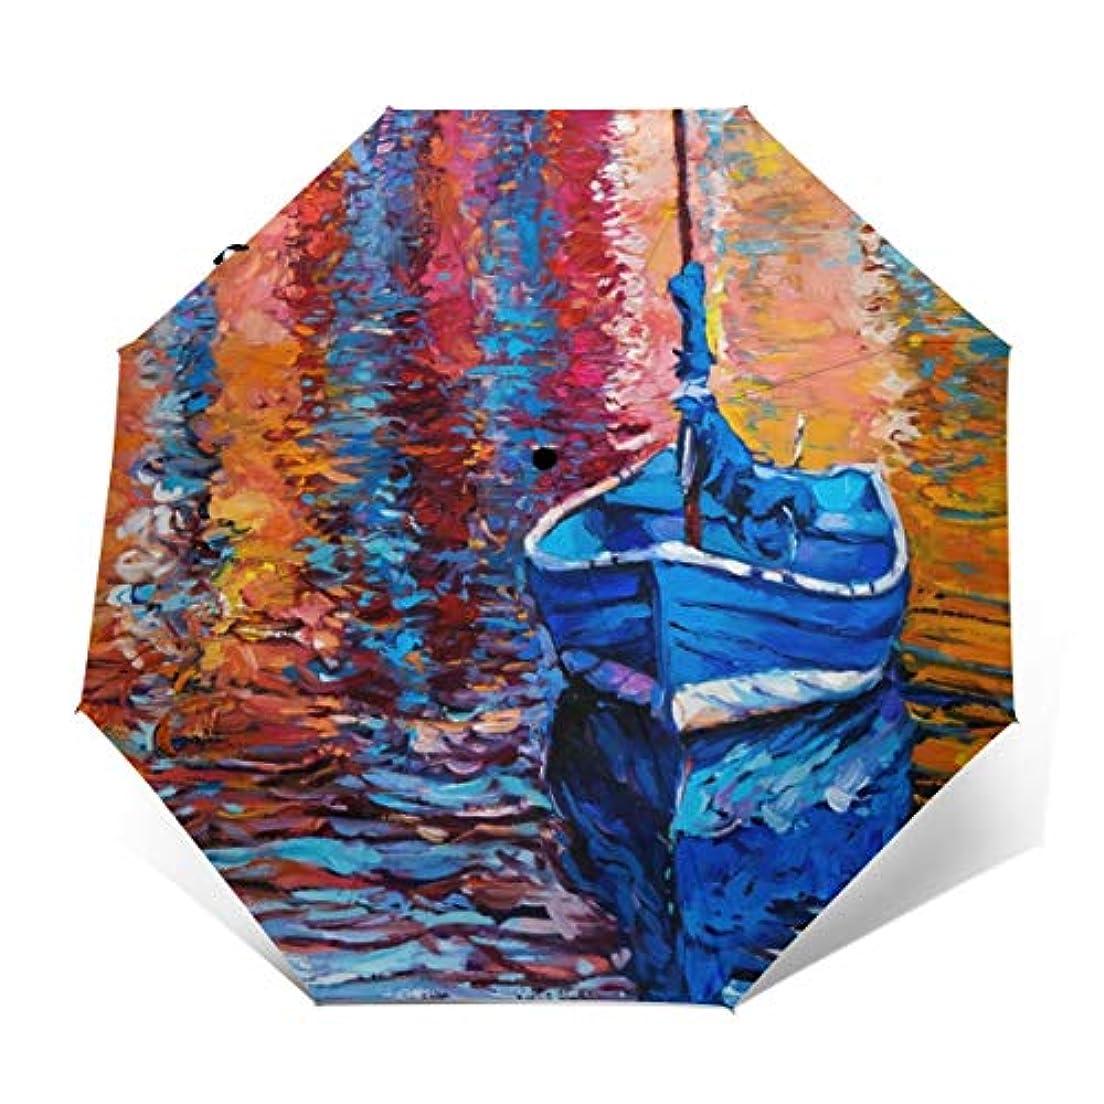 中央値命令勇者釣り帆船のパステルカラーの塗料 折りたたみ傘 日傘 ワンタッチ自動開閉 折り畳み 丈夫な8本骨 3段式 撥水 耐風 晴雨兼用 梅雨対策 UVカット 遮光遮熱 傘袋/収納ポーチ付き